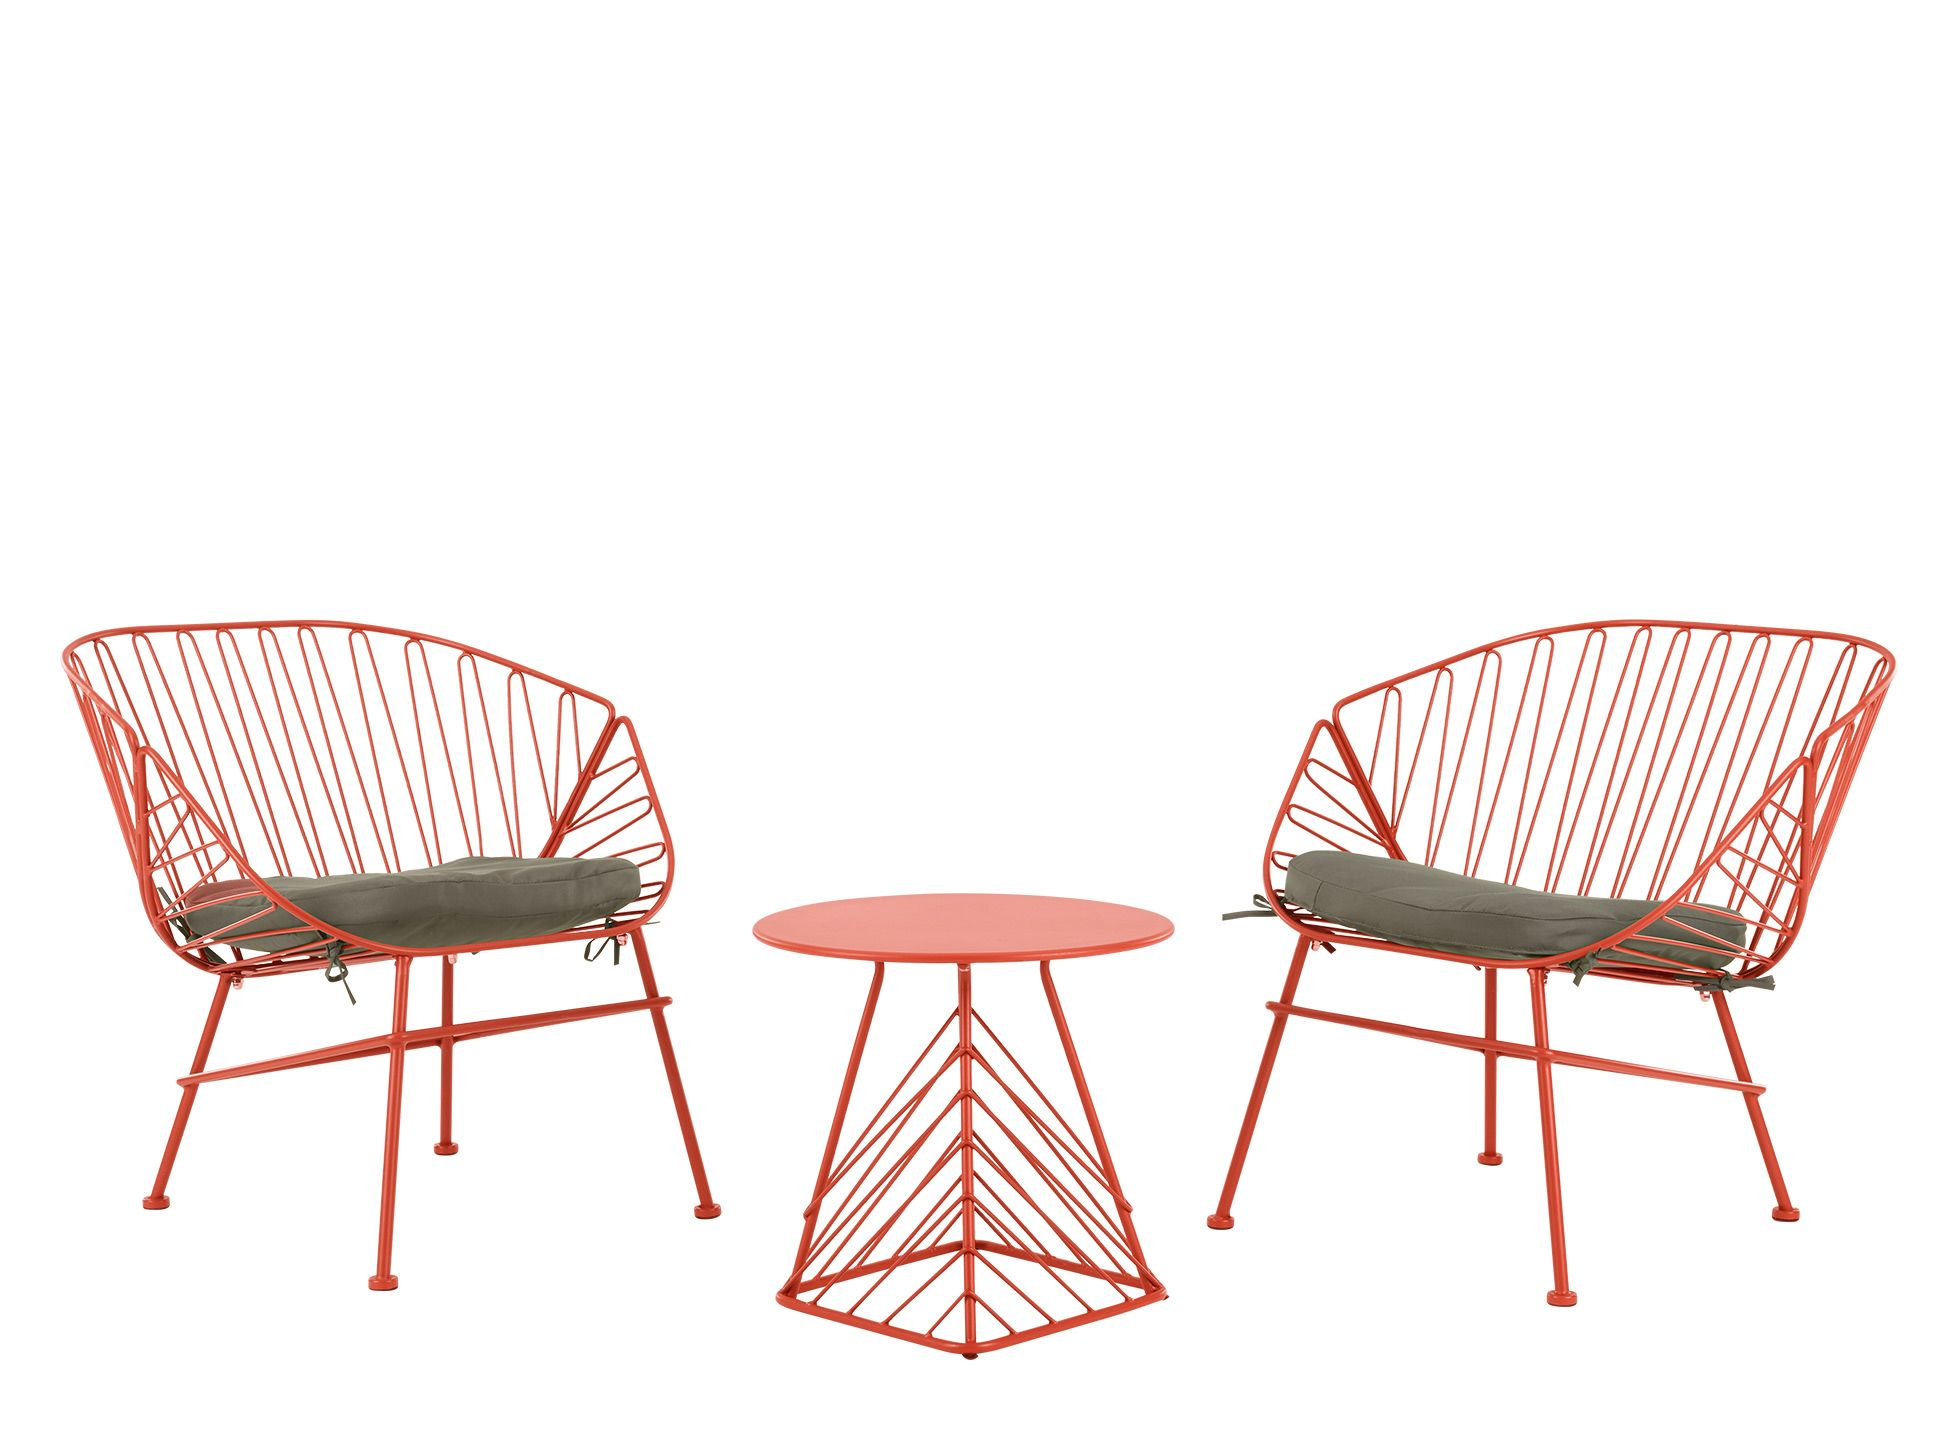 TegaEnsemble Table D'appoint L'apéritifRouge Chaises Et Pour N8n0wkOXP